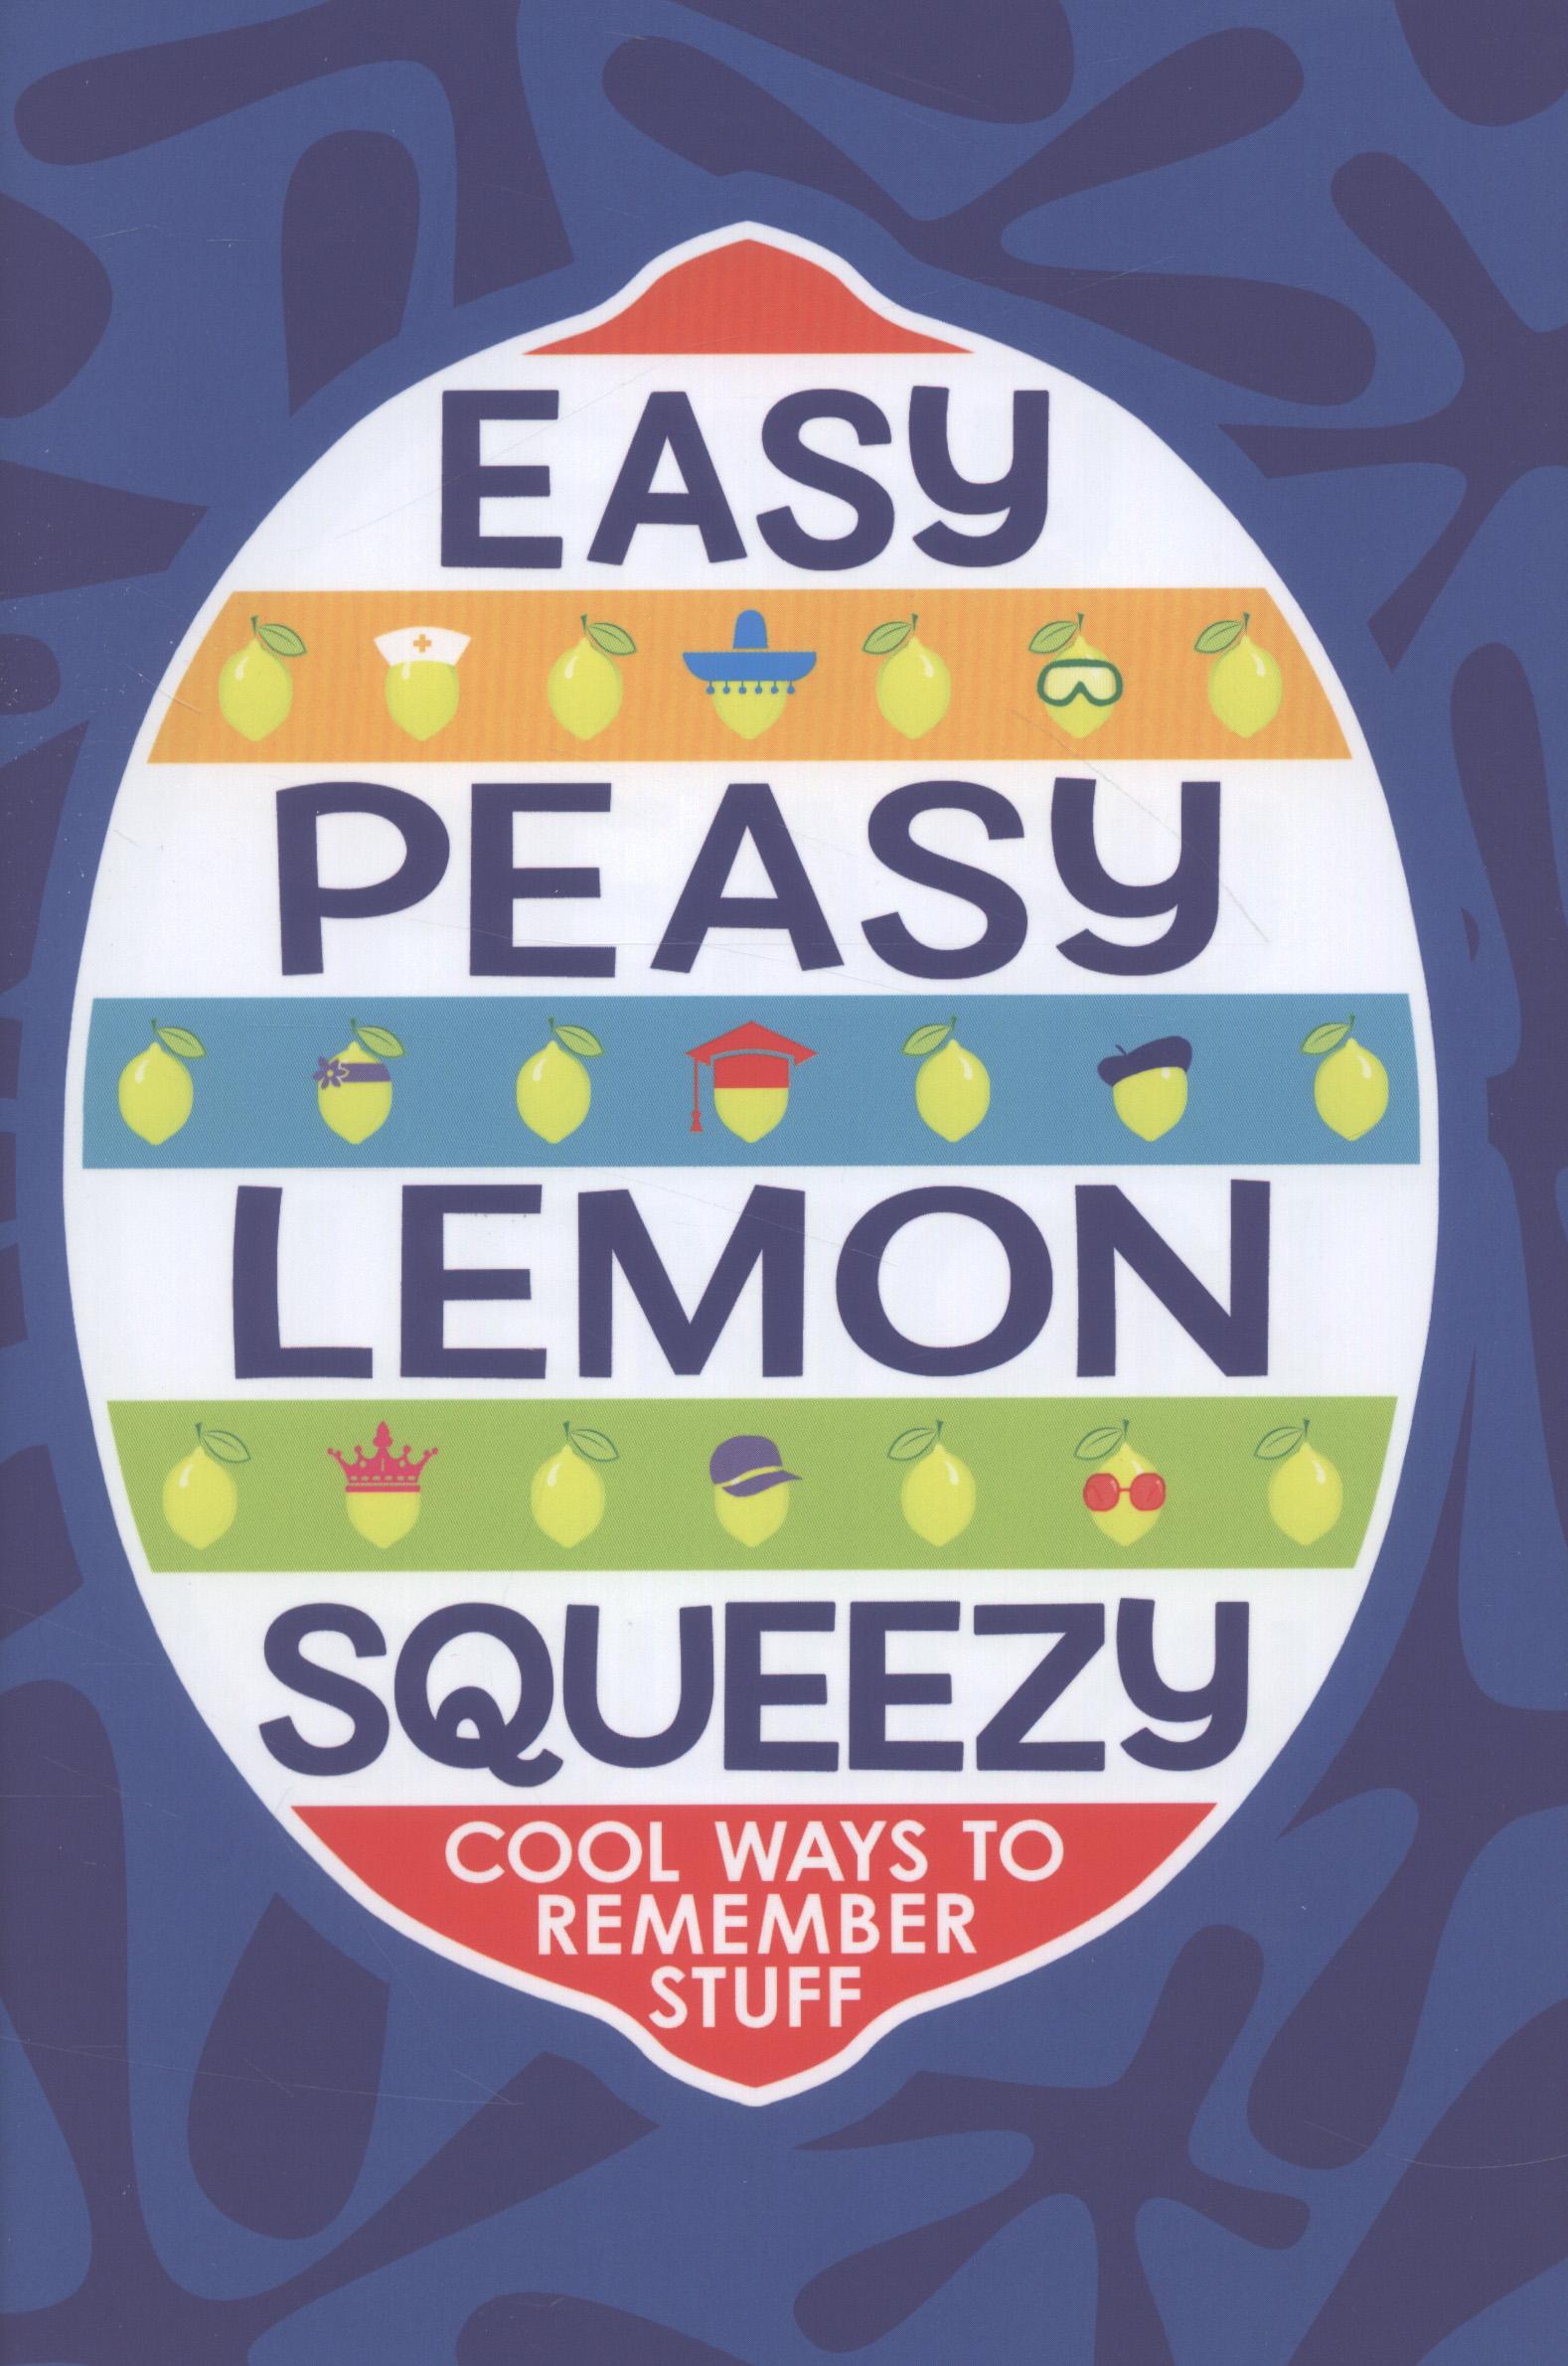 Easy Squeezy Lemon Peasy